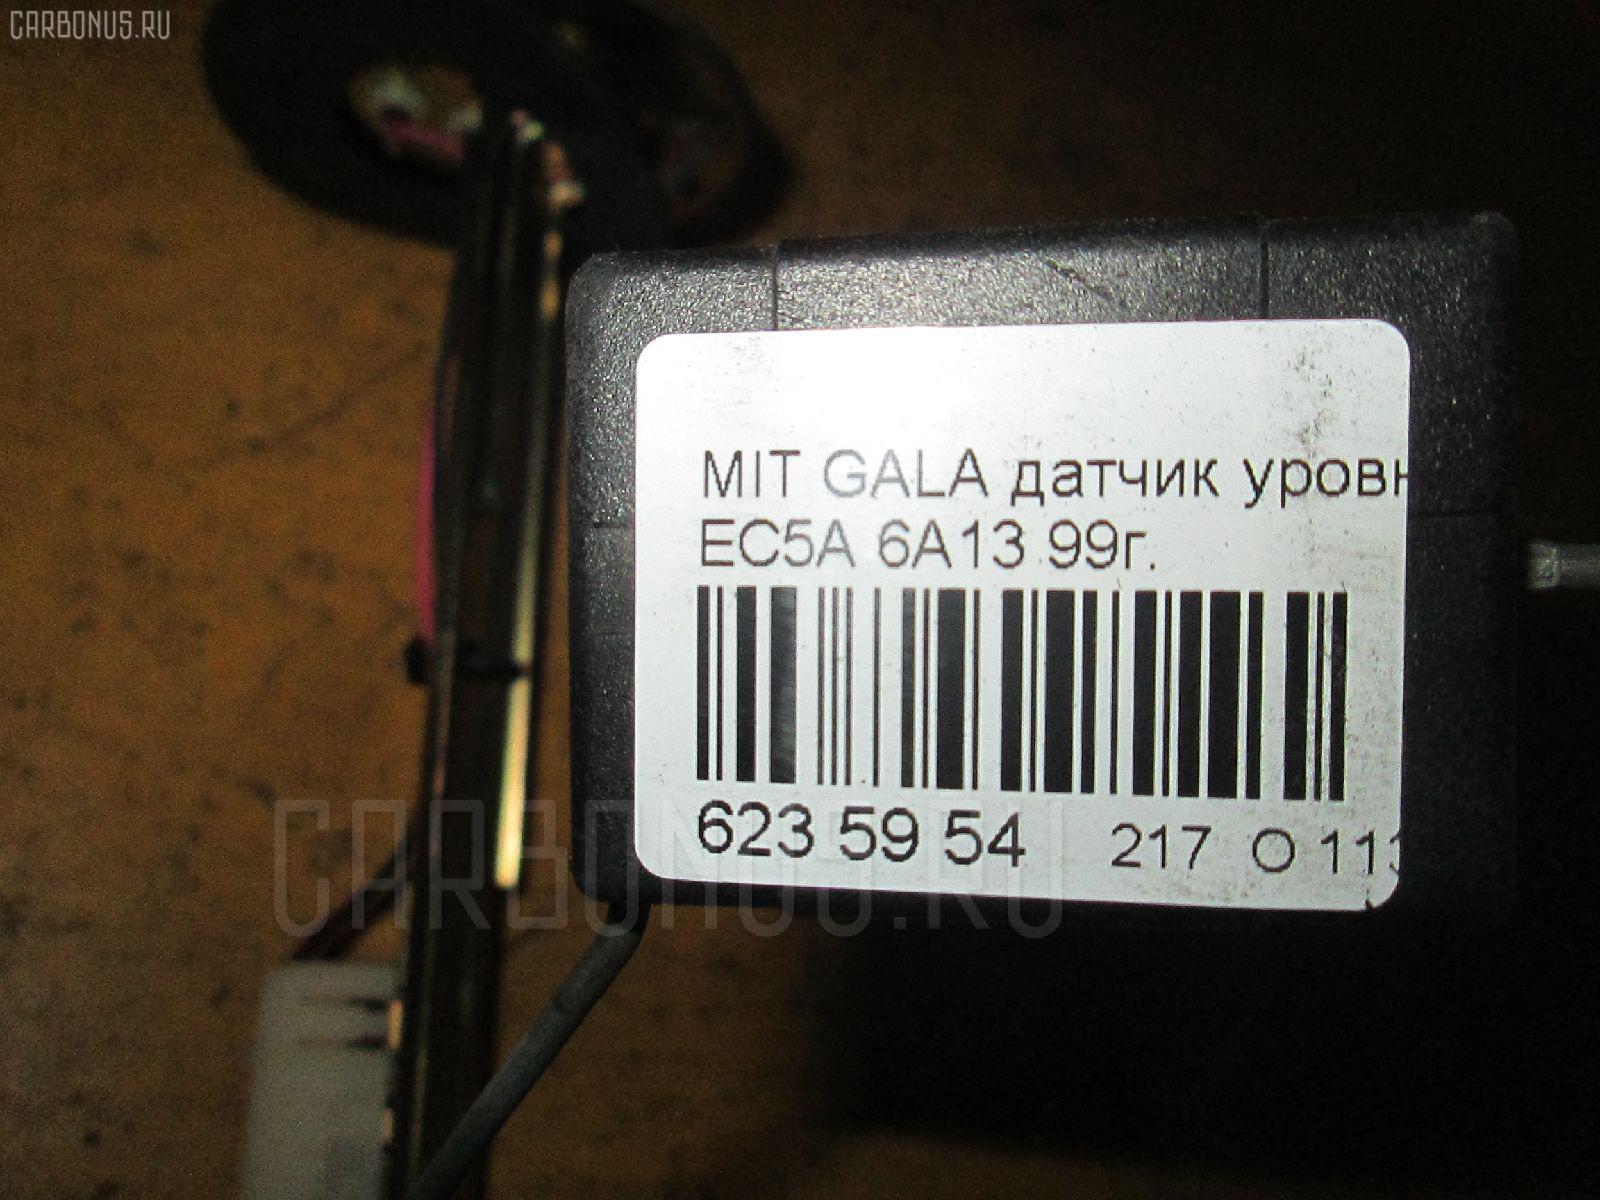 Датчик уровня топлива MITSUBISHI GALANT EC5A 6A13 Фото 3